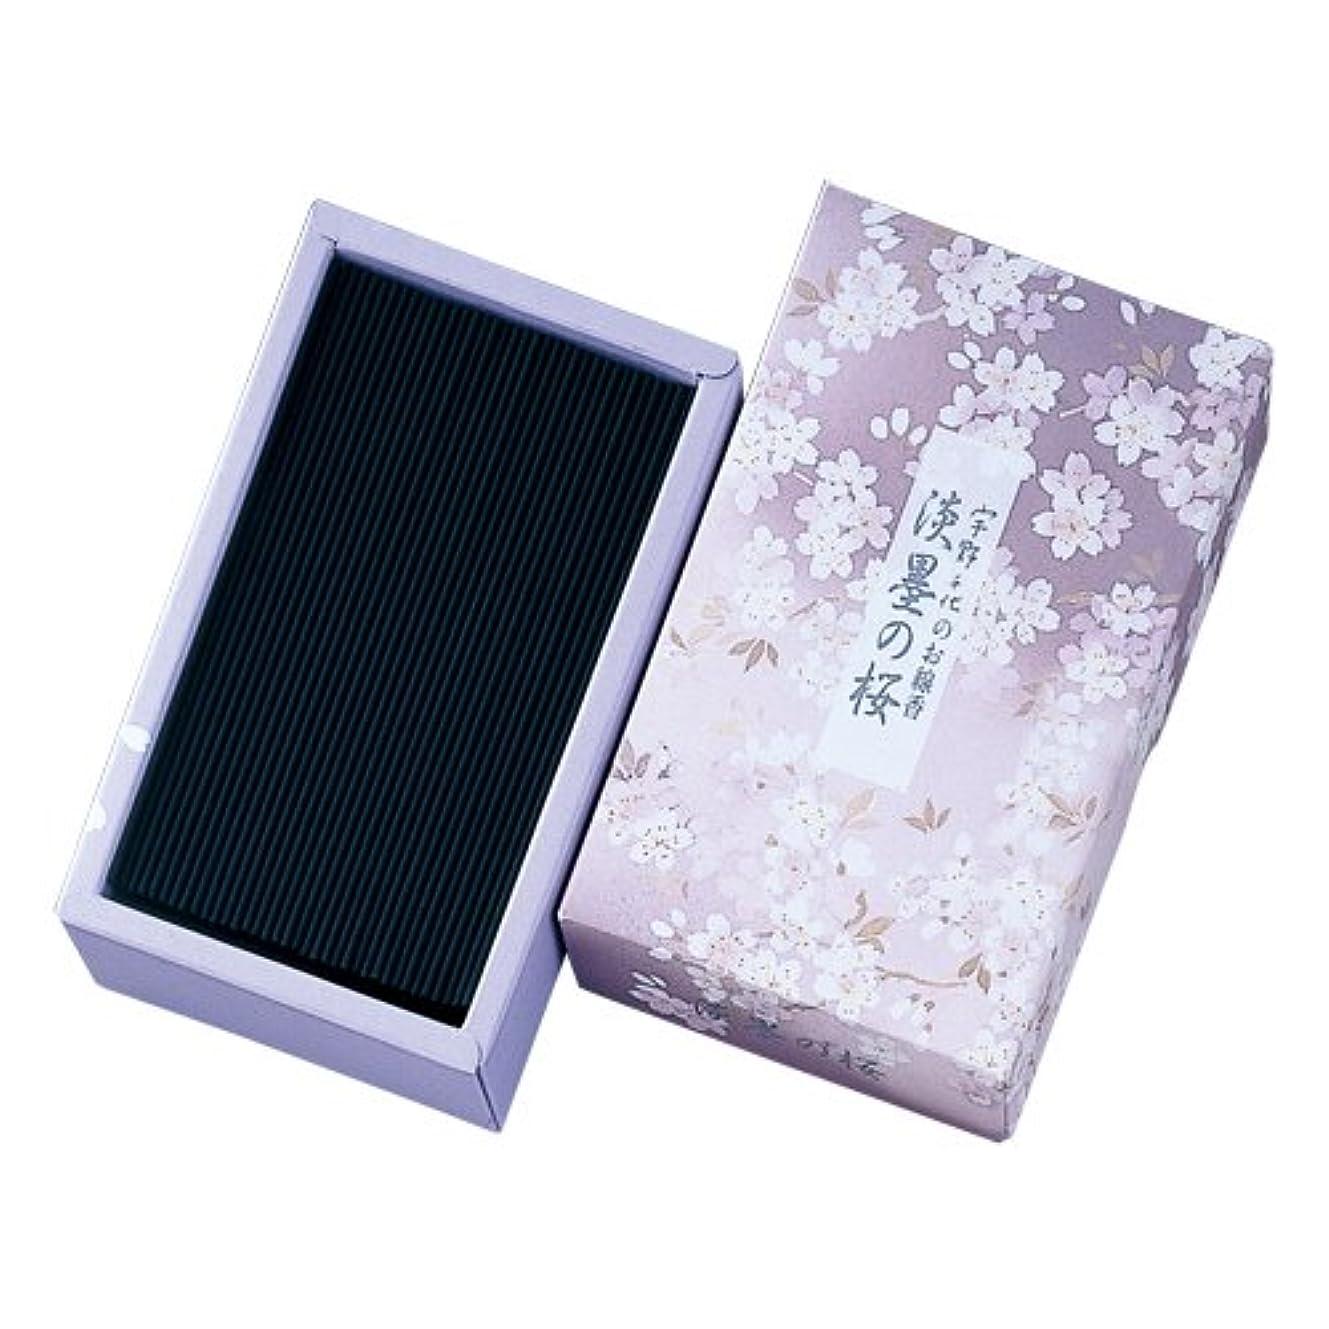 旋律的道徳教育レーザ淡墨の桜バラ詰め × 10個セット